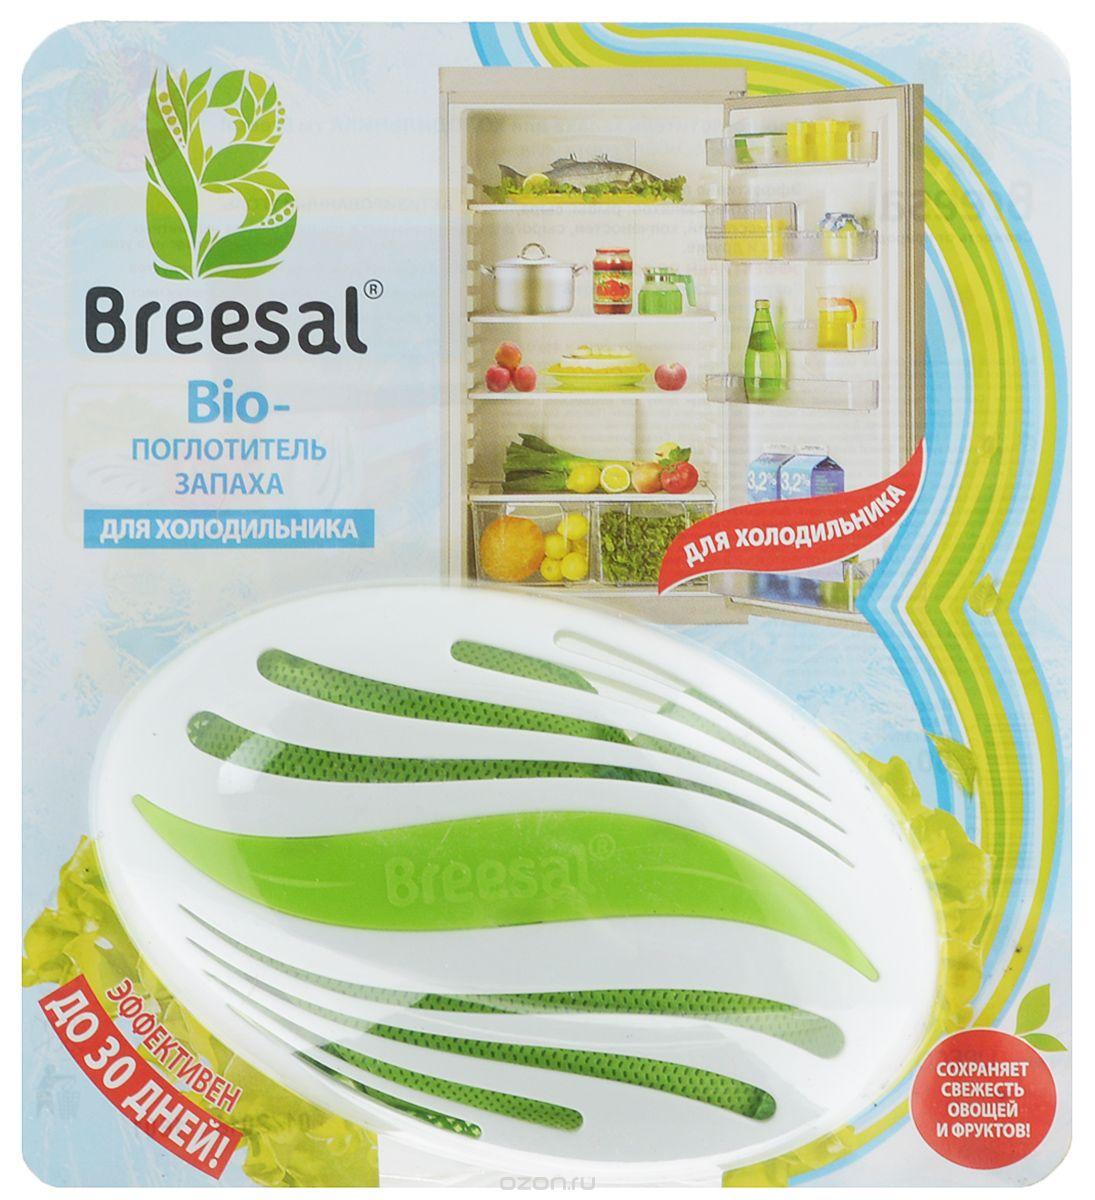 Био-поглотитель запаха для холодильника Breesal, 80 гB/8001 ПРОМОБио-поглотитель запаха для холодильника Breesal на основе особого сорта угля эффективно поглощает все виды неприятных запахов: рыбы, сыра, лука, солений, копченостей, сырого мяса и другие. Эффективен до 30 дней. Сохраняет свежесть овощей и фруктов за счет абсорбции влаги и этилена. Поглотитель запаха изготовлен на основе активированного угля, который поглощает в 3 раза больше неприятных запахов и влаги, в отличие от древесного, сохраняет идеальную свежесть продуктов, абсолютно безопасен и экологически чист. Прибор удобен в использовании. Для размещения в холодильнике можно использовать клипсу или двухсторонний скотч. Корпус выполнен из пластика. Состав: активированный уголь. Размер поглотителя: 12,5 см х 8 см х 5 см.